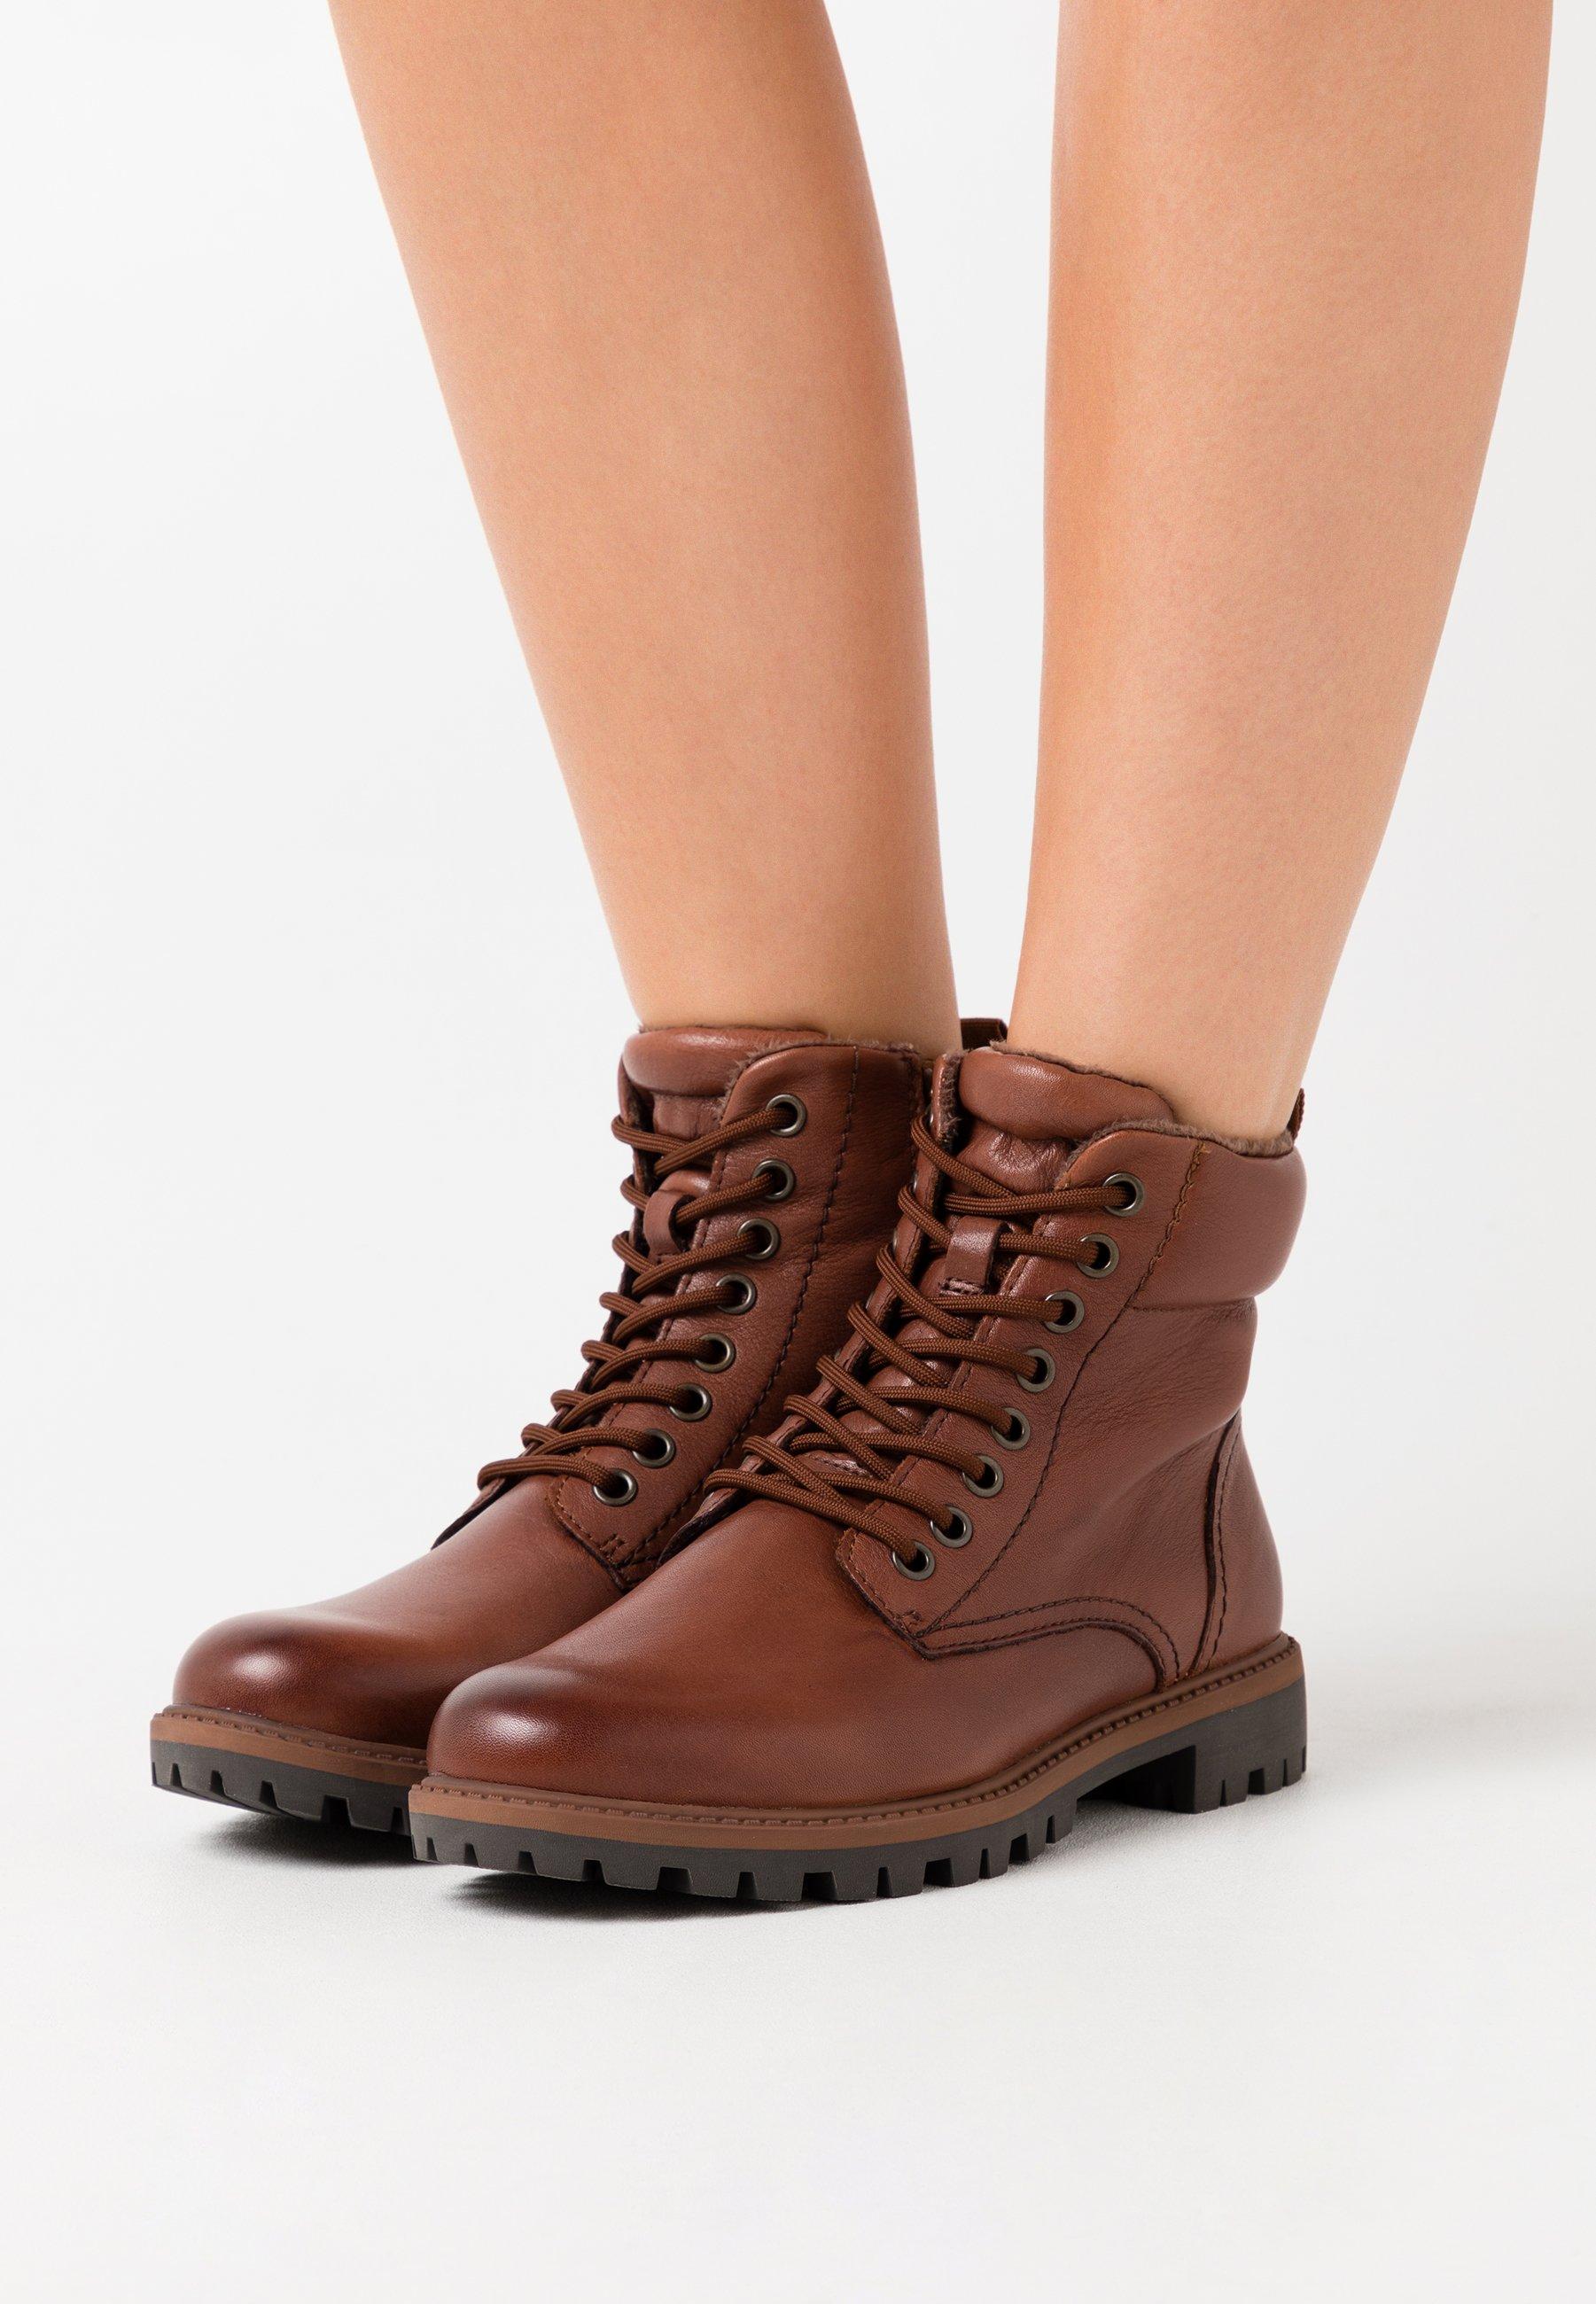 Tamaris BOOTS - Ankle Boot - brandy | Damen Schuhe 2020